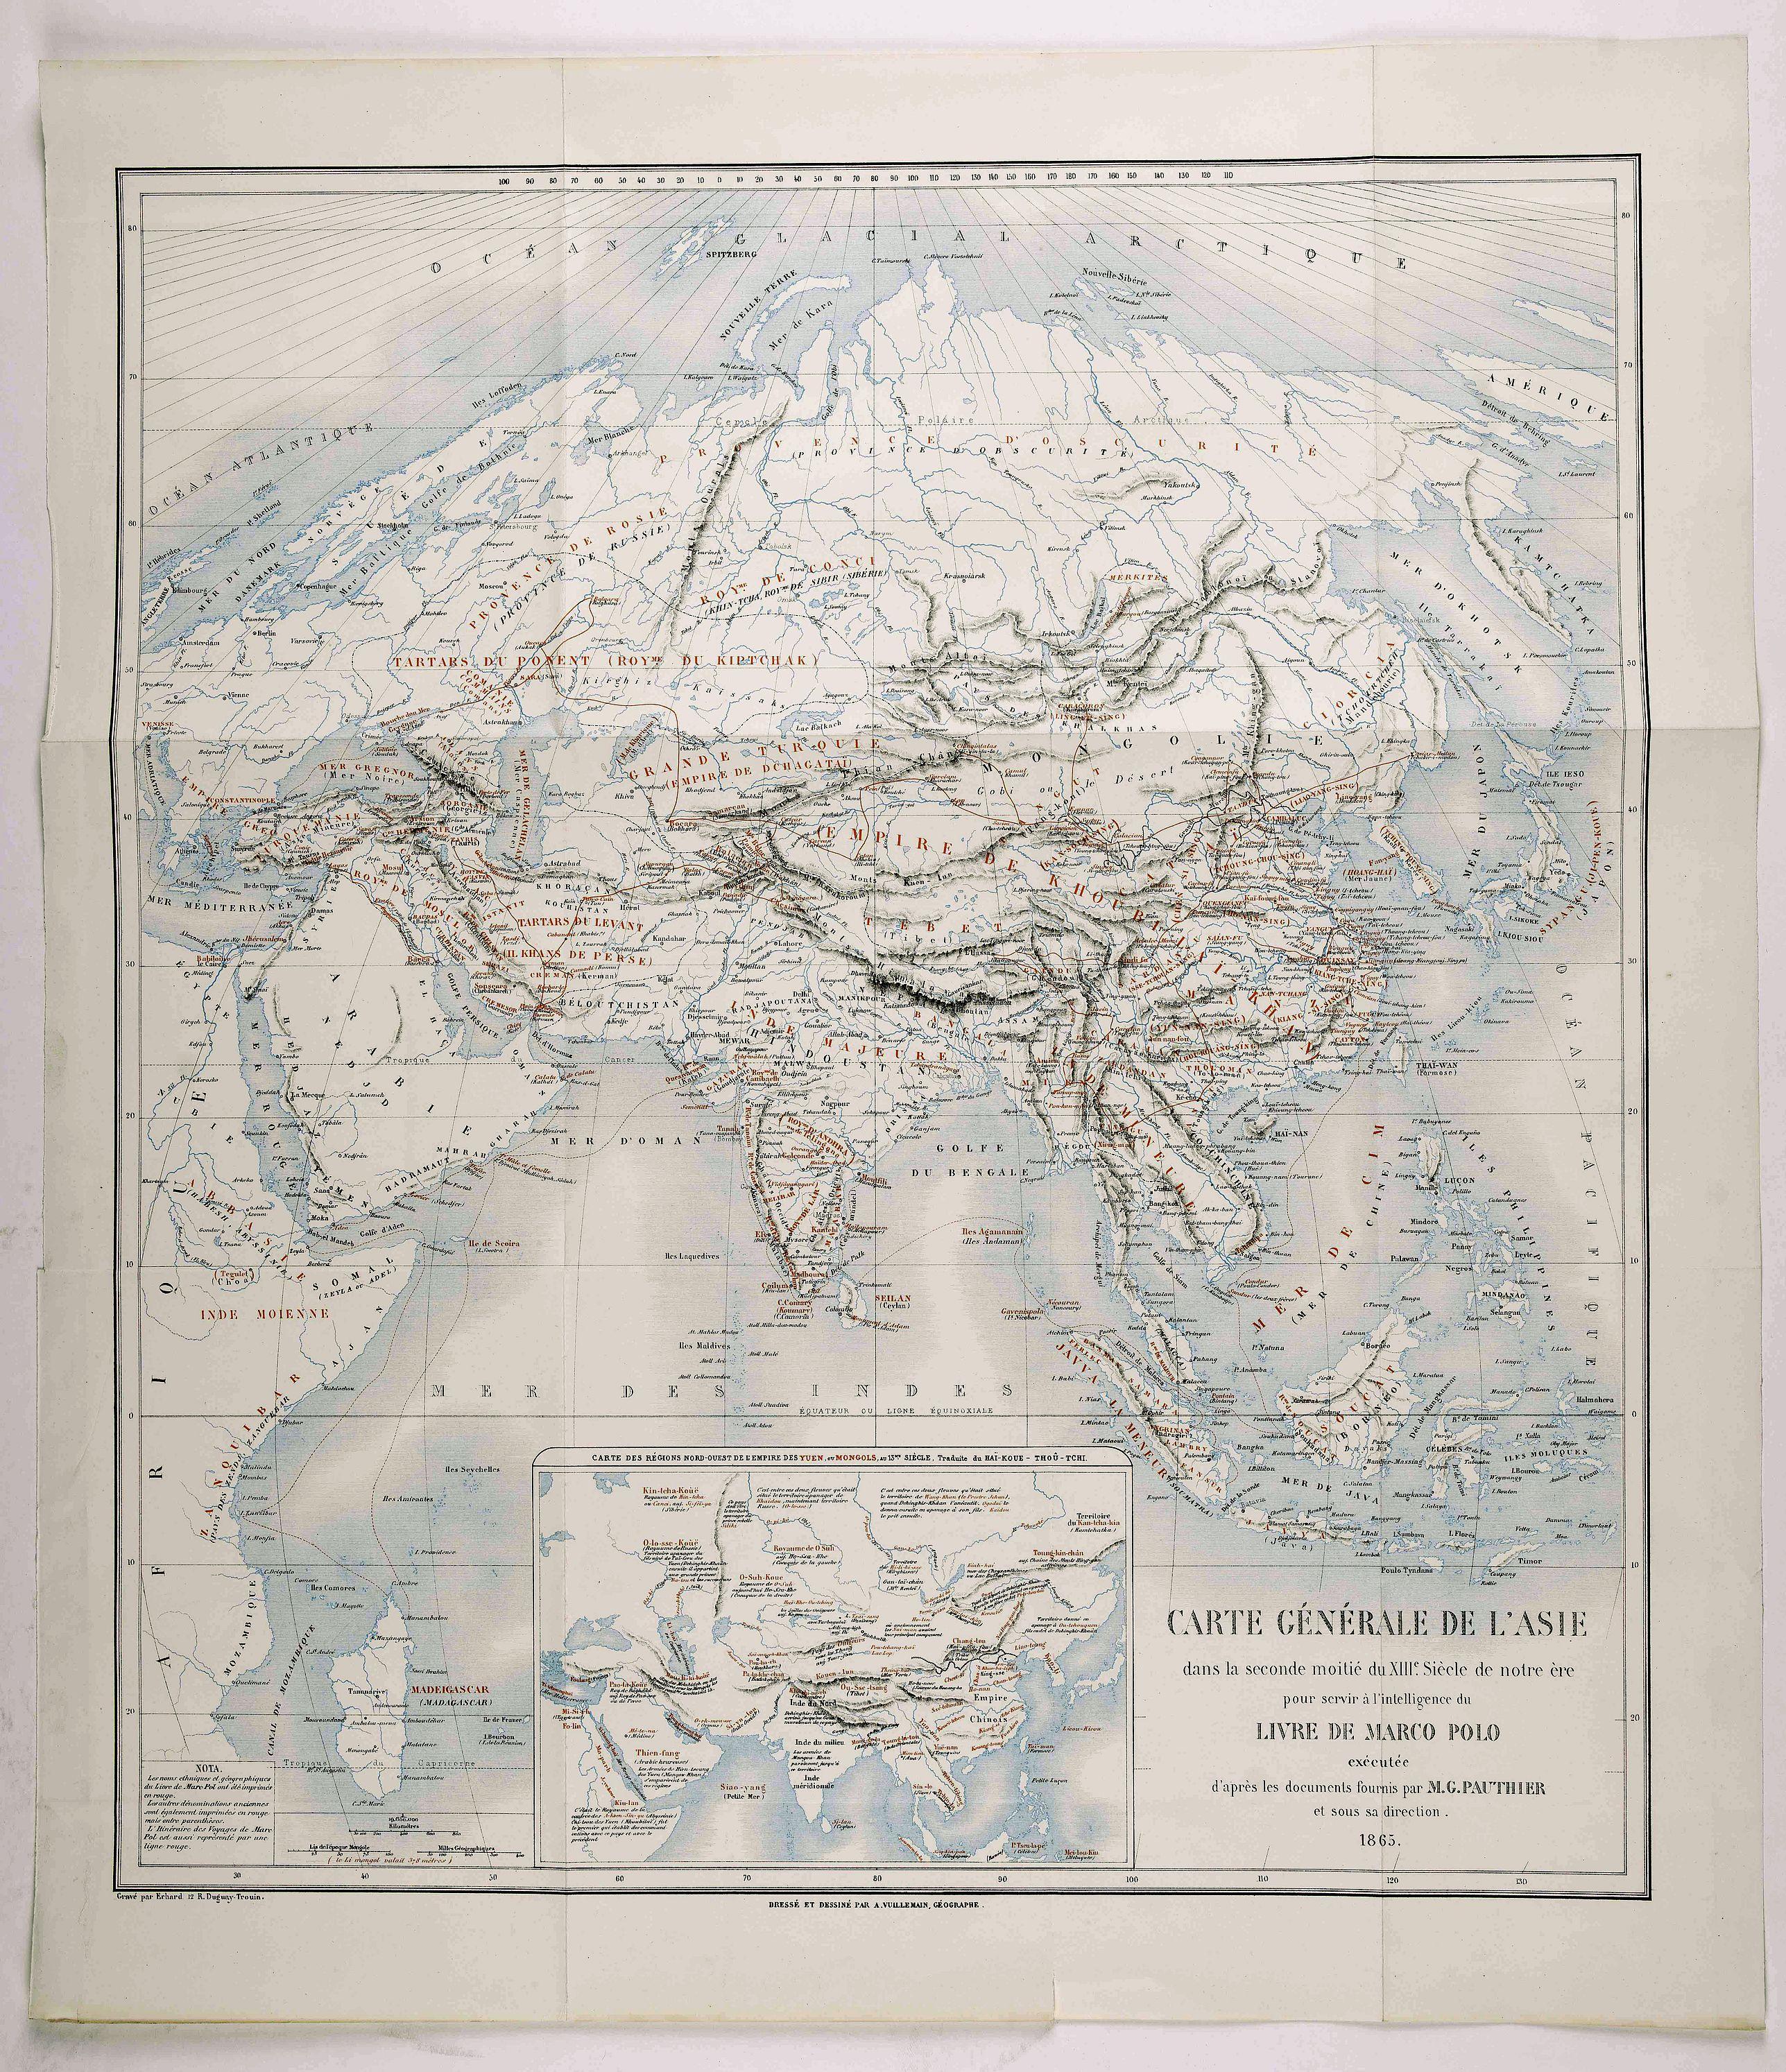 VUILLEMAIN, A. - Carte générale de l'Asie dans la seconde moitié du XIIIe siècle... pour... l'intelligence du livre de Marco Polo / exécutée d'après les documents fournis par M. G. Pauthier , Dressé... par A. Vuillemain.